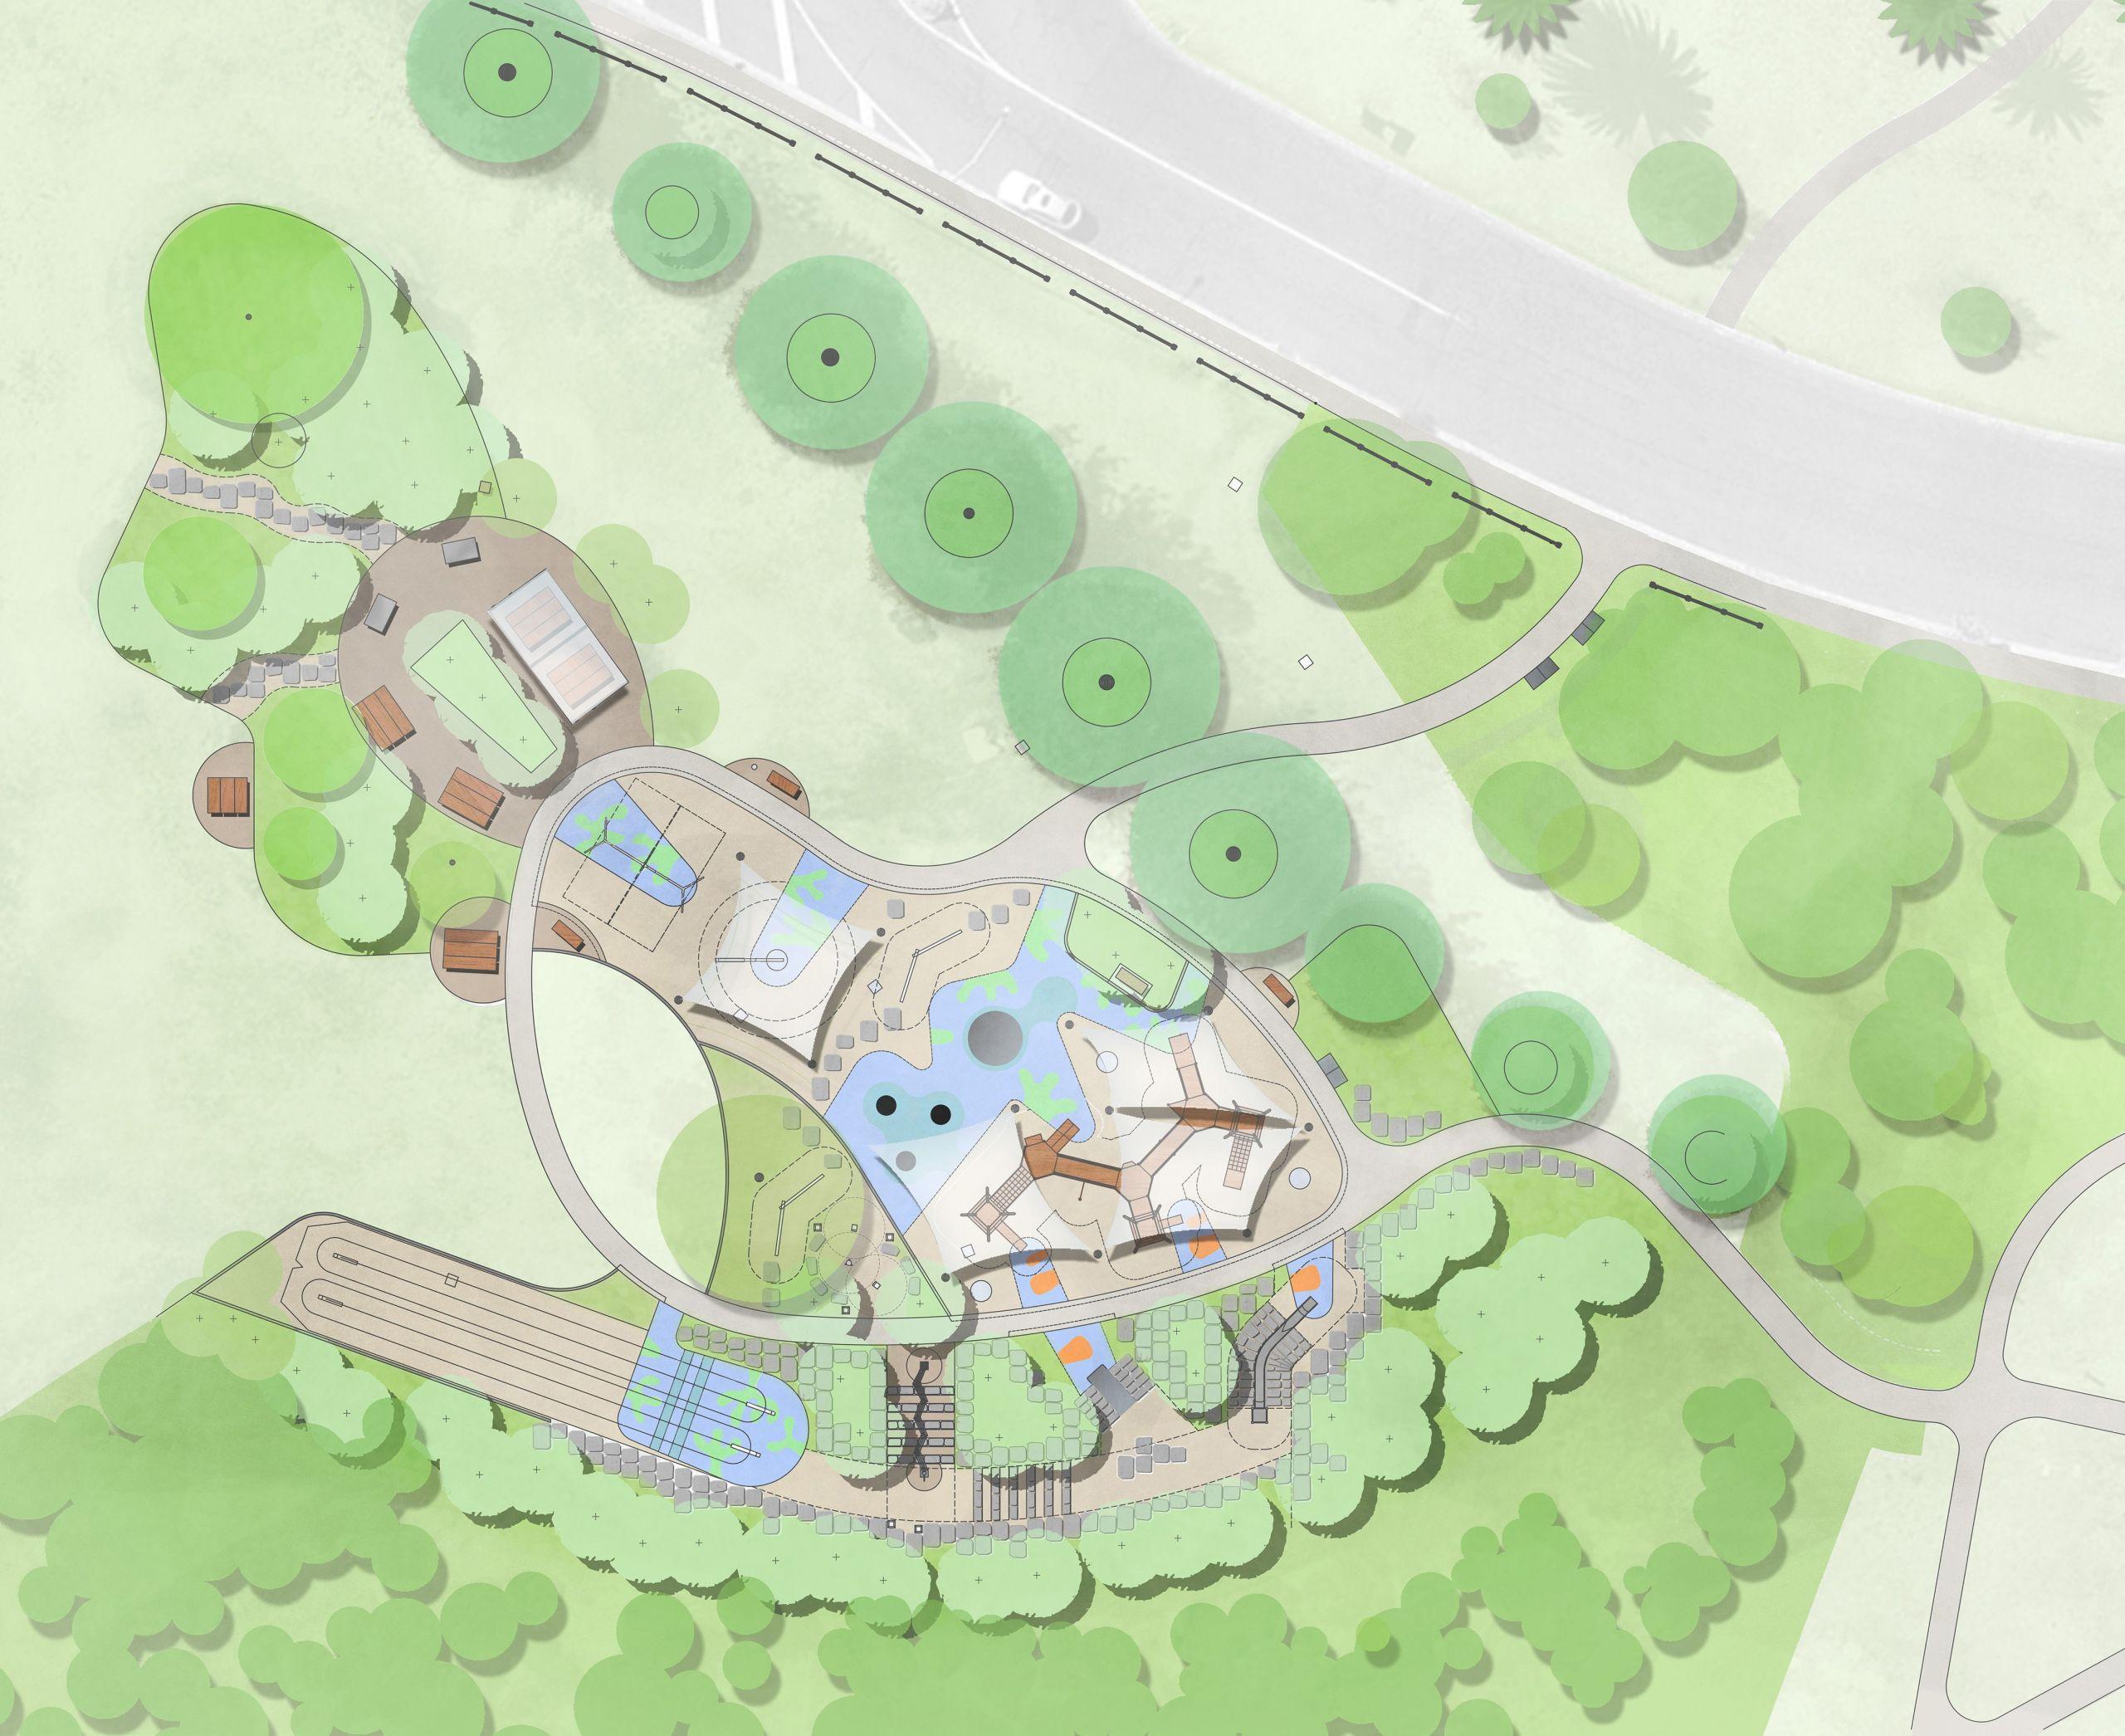 Point Ornond Playground concept design